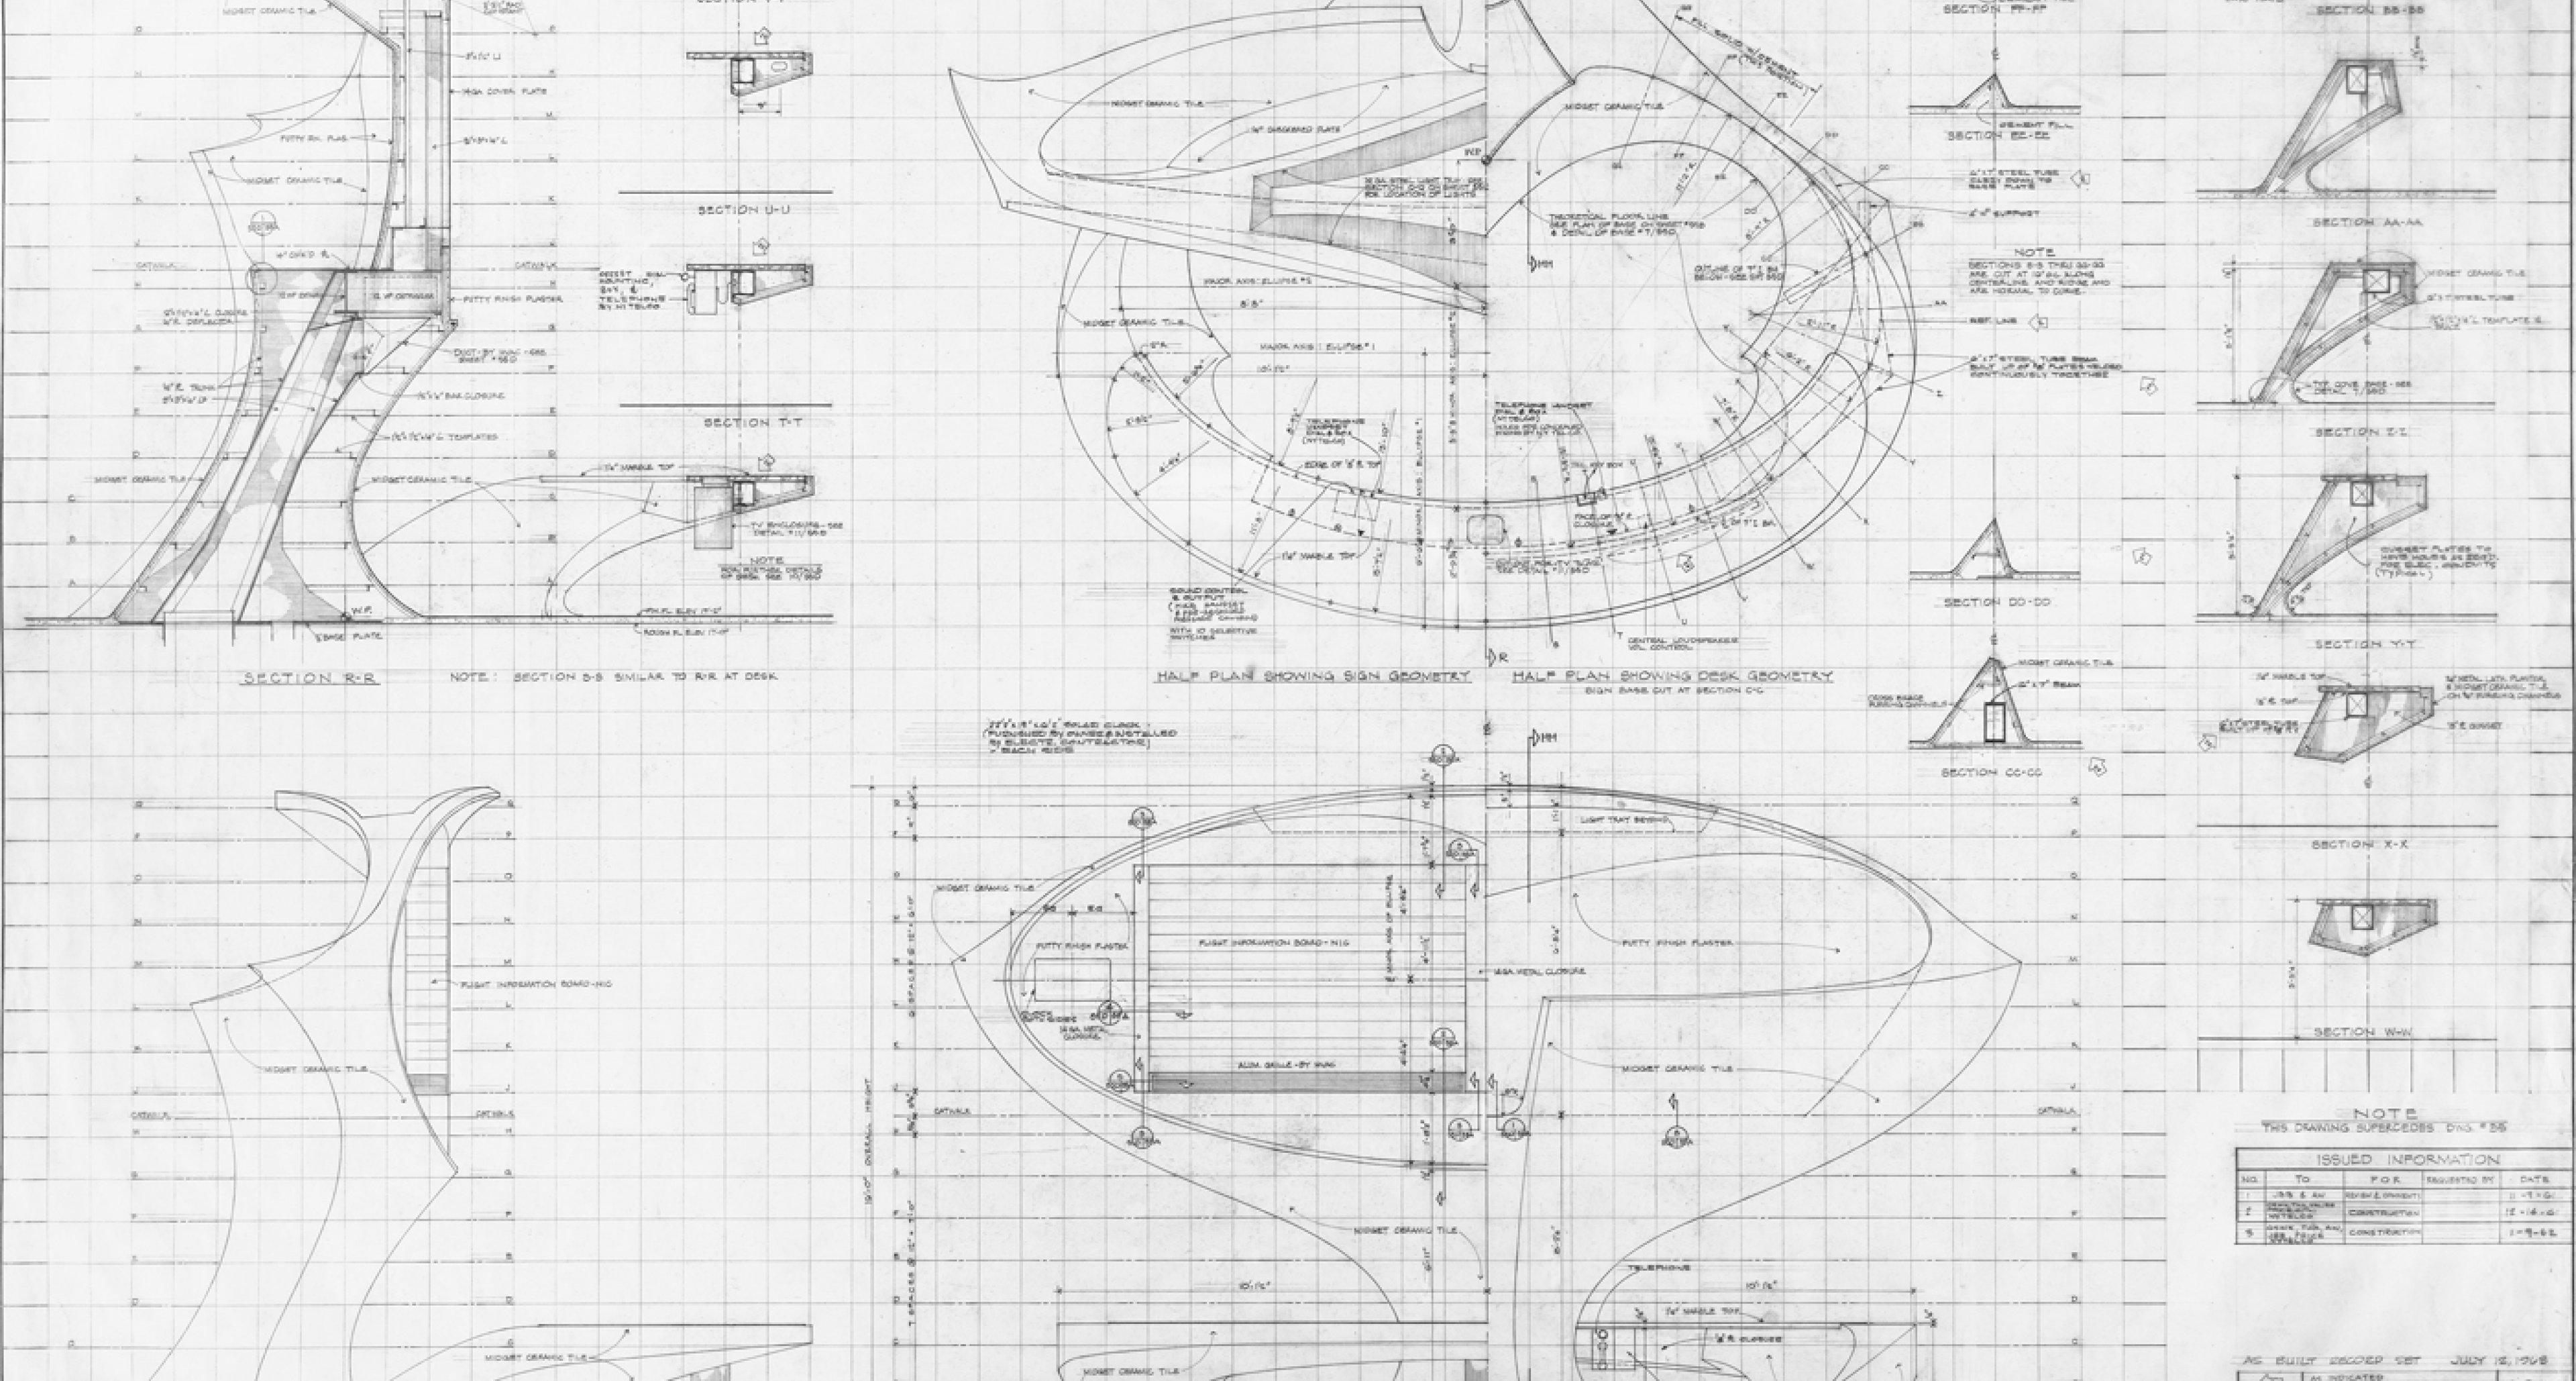 Grundriss, Schnitt, Ansicht Informationsschalter mit Anzeigetafel ohne Massstab, 90.5 × 66.8 cm, ES&A, 12. 7. 1963 © Eero Saarinen Collection (MS 593). Manuscripts and Archives, Yale University Library